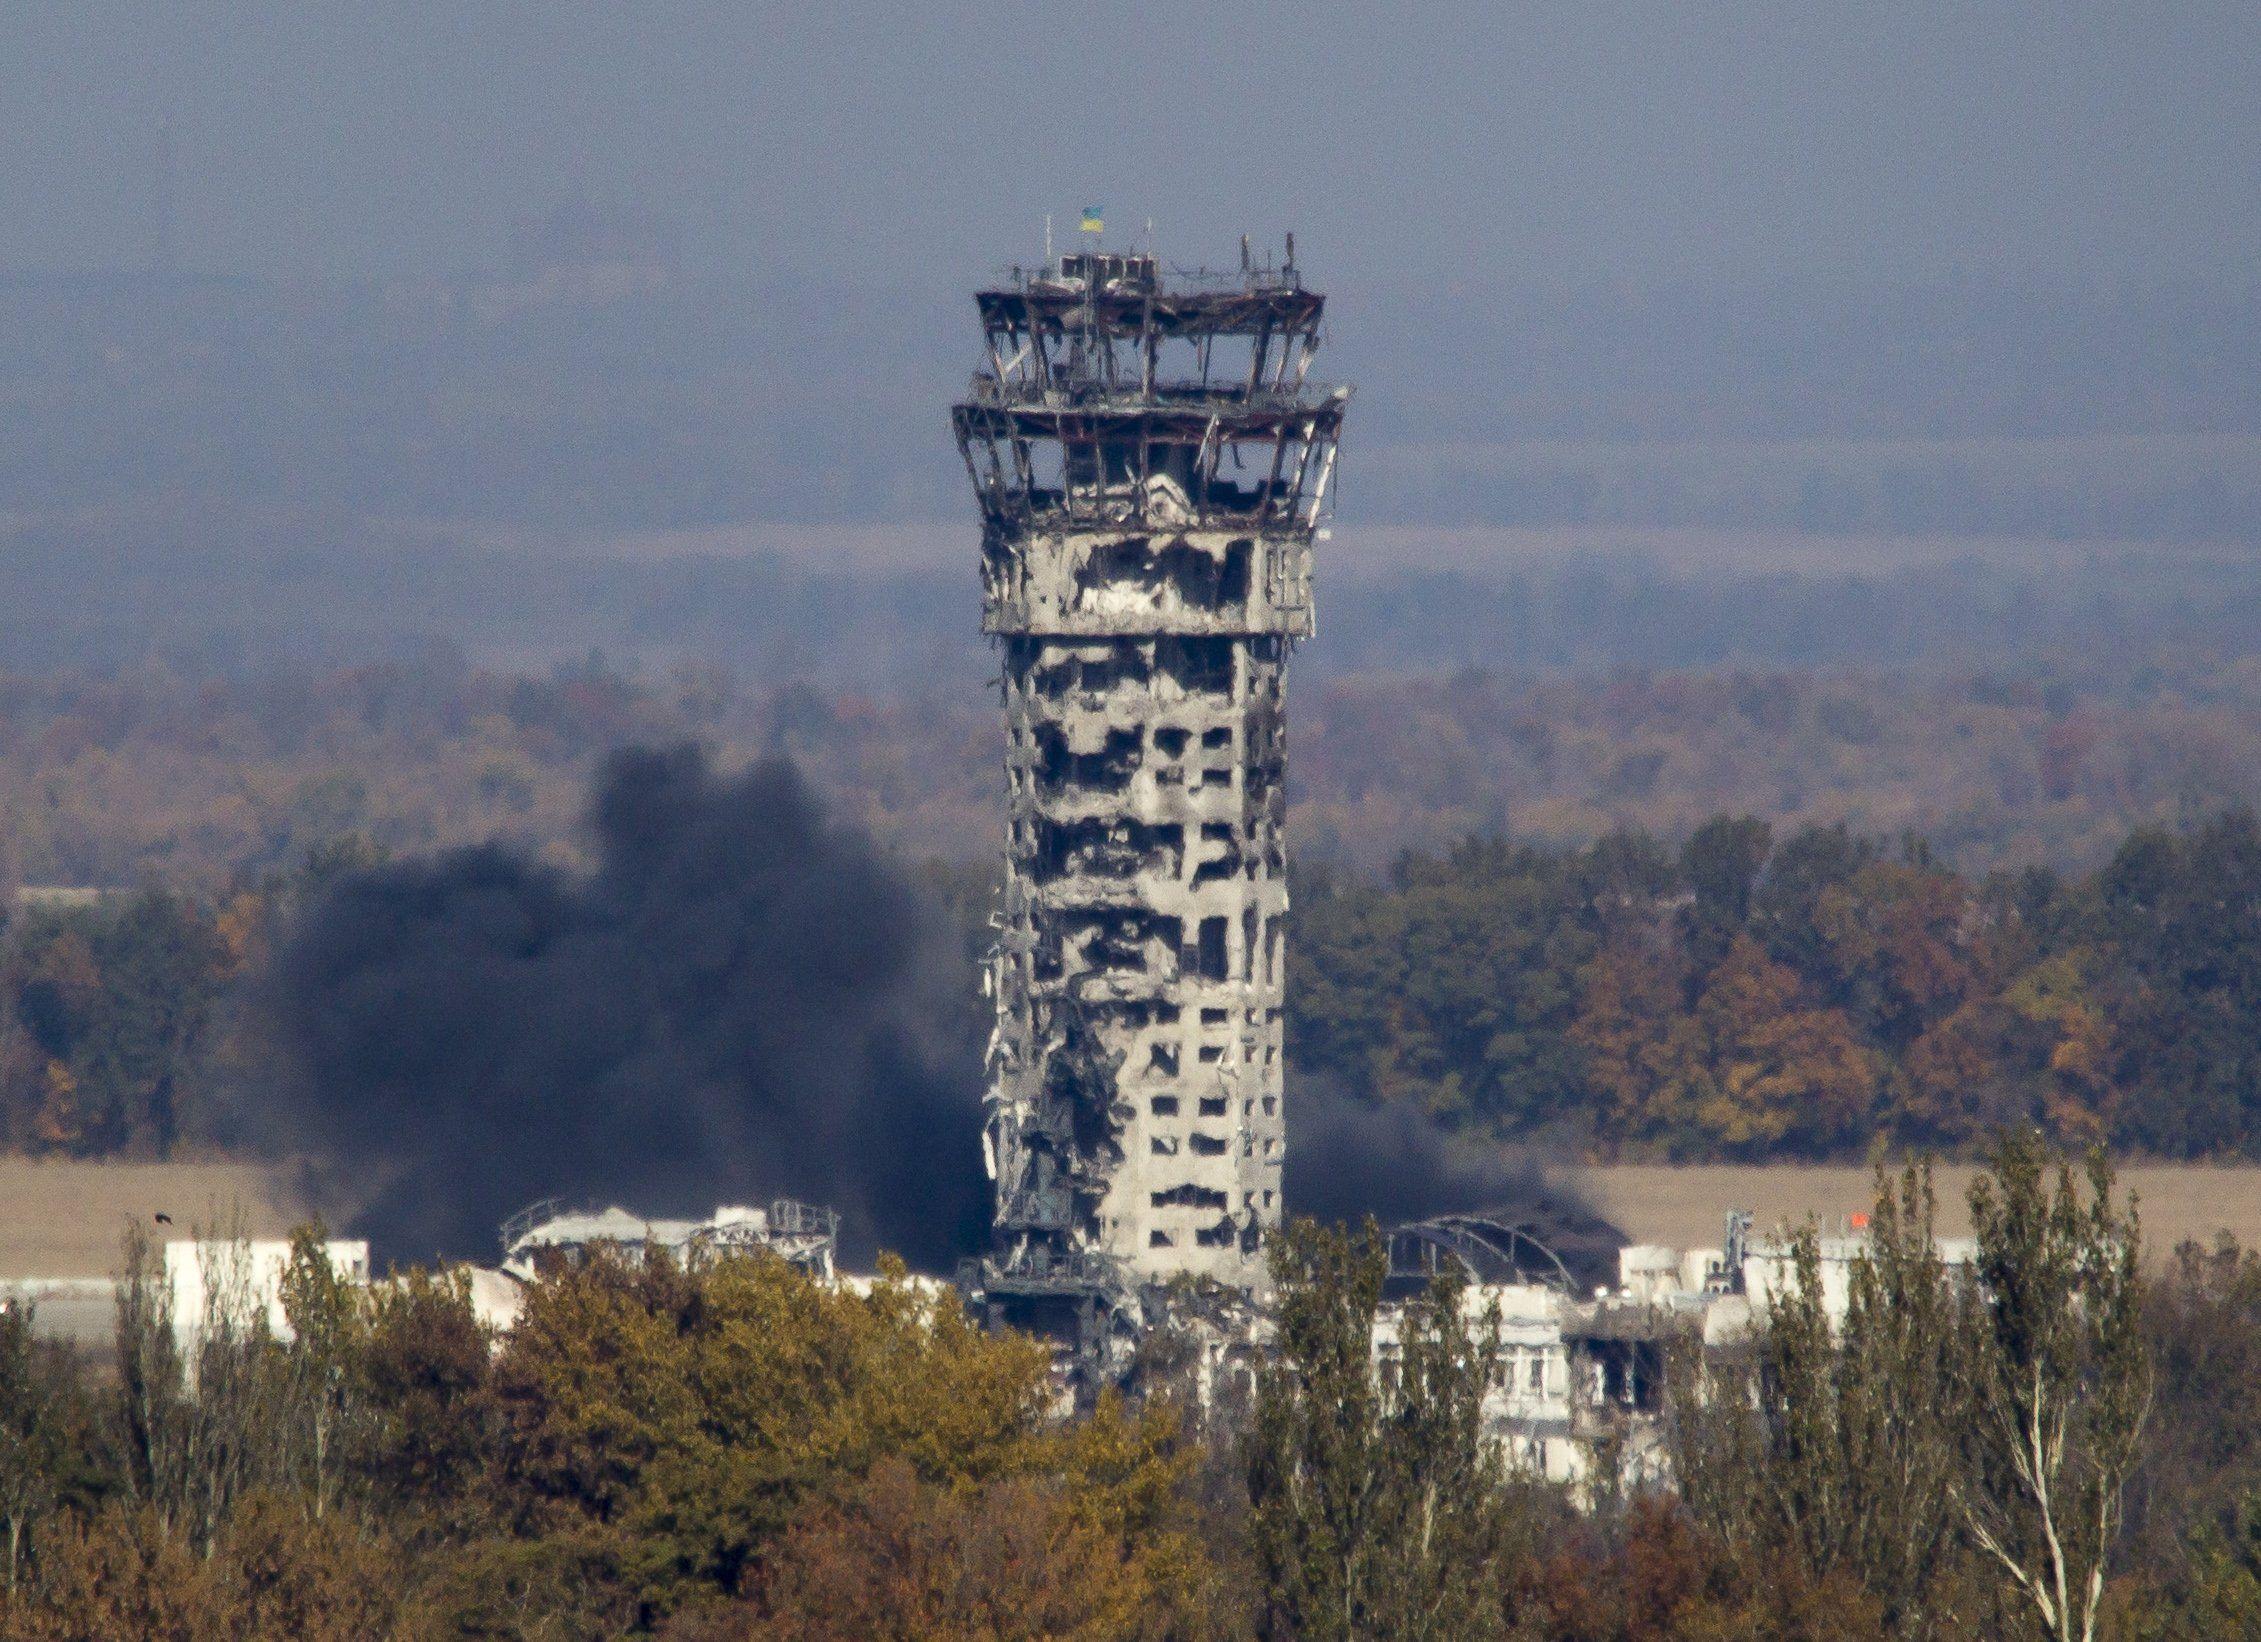 Диспетчерская башня аэропорта Донецка, иллюстрация